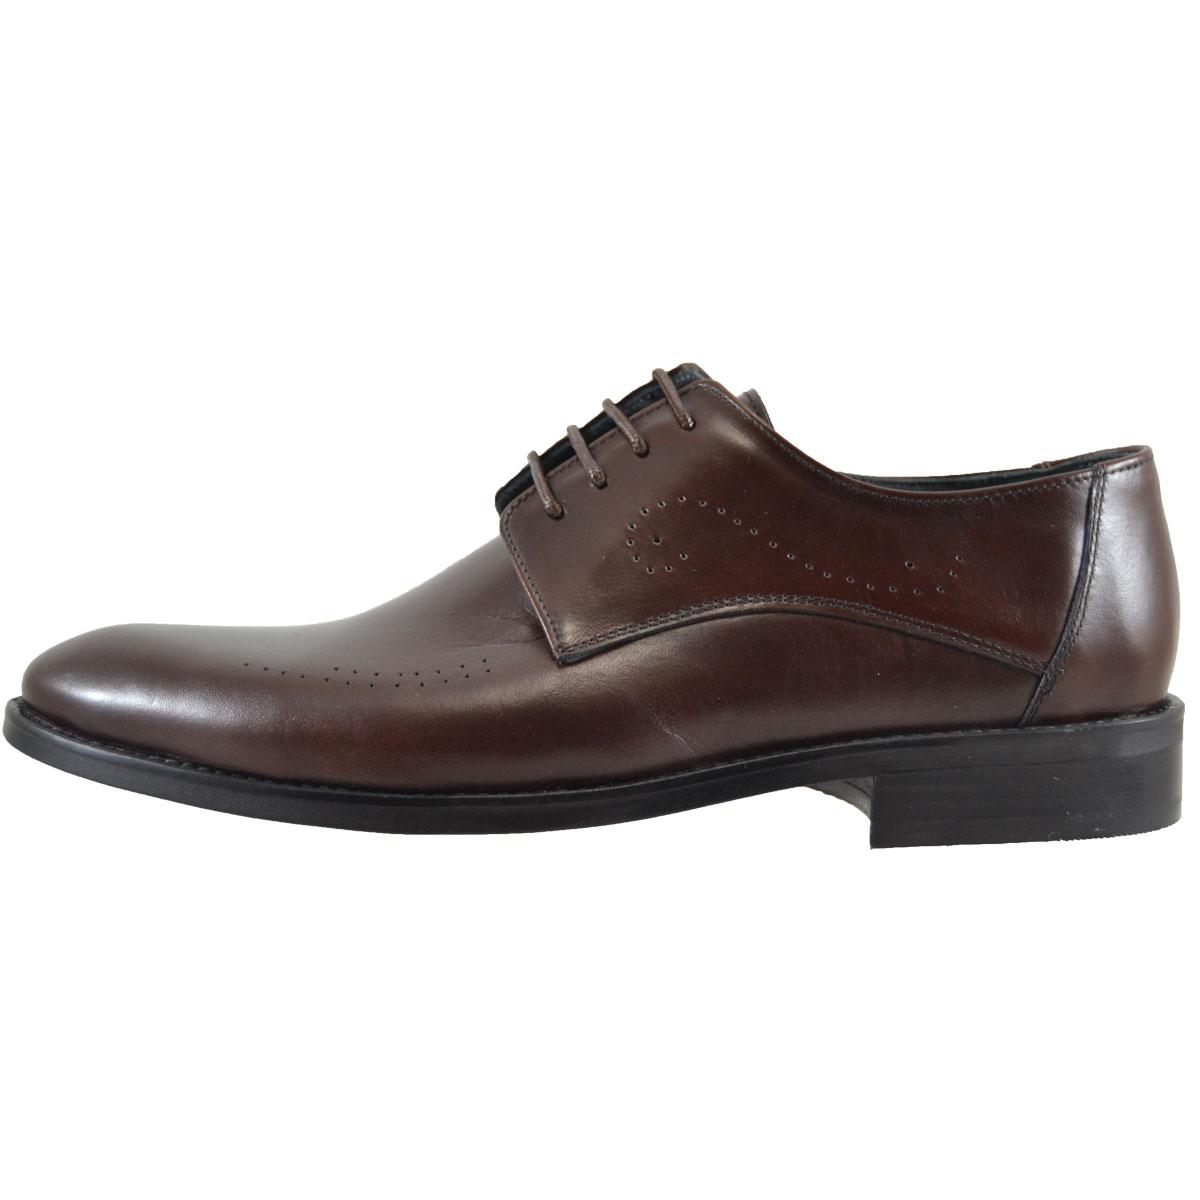 کفش مردانه کد 2122             , خرید اینترنتی